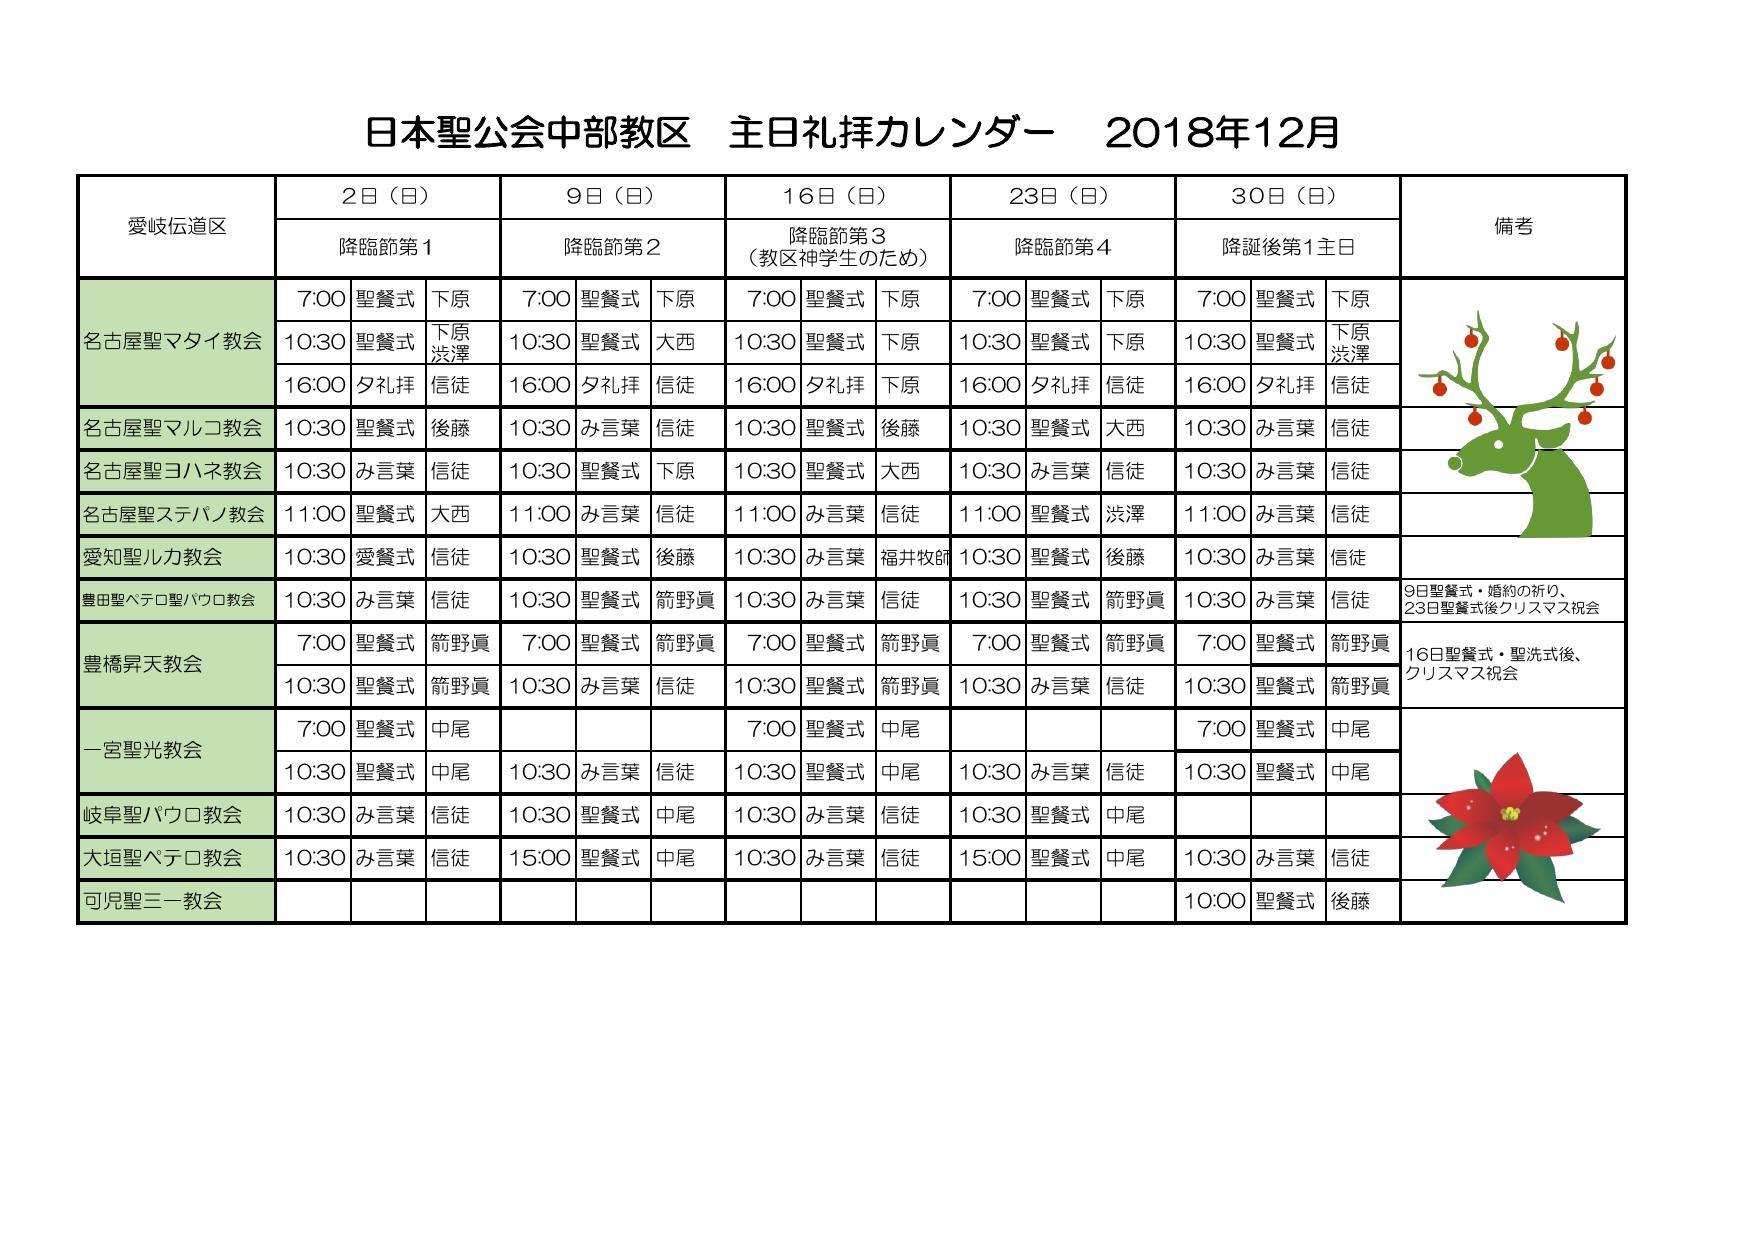 礼拝カレンダー2018年12月.xlsx_000001